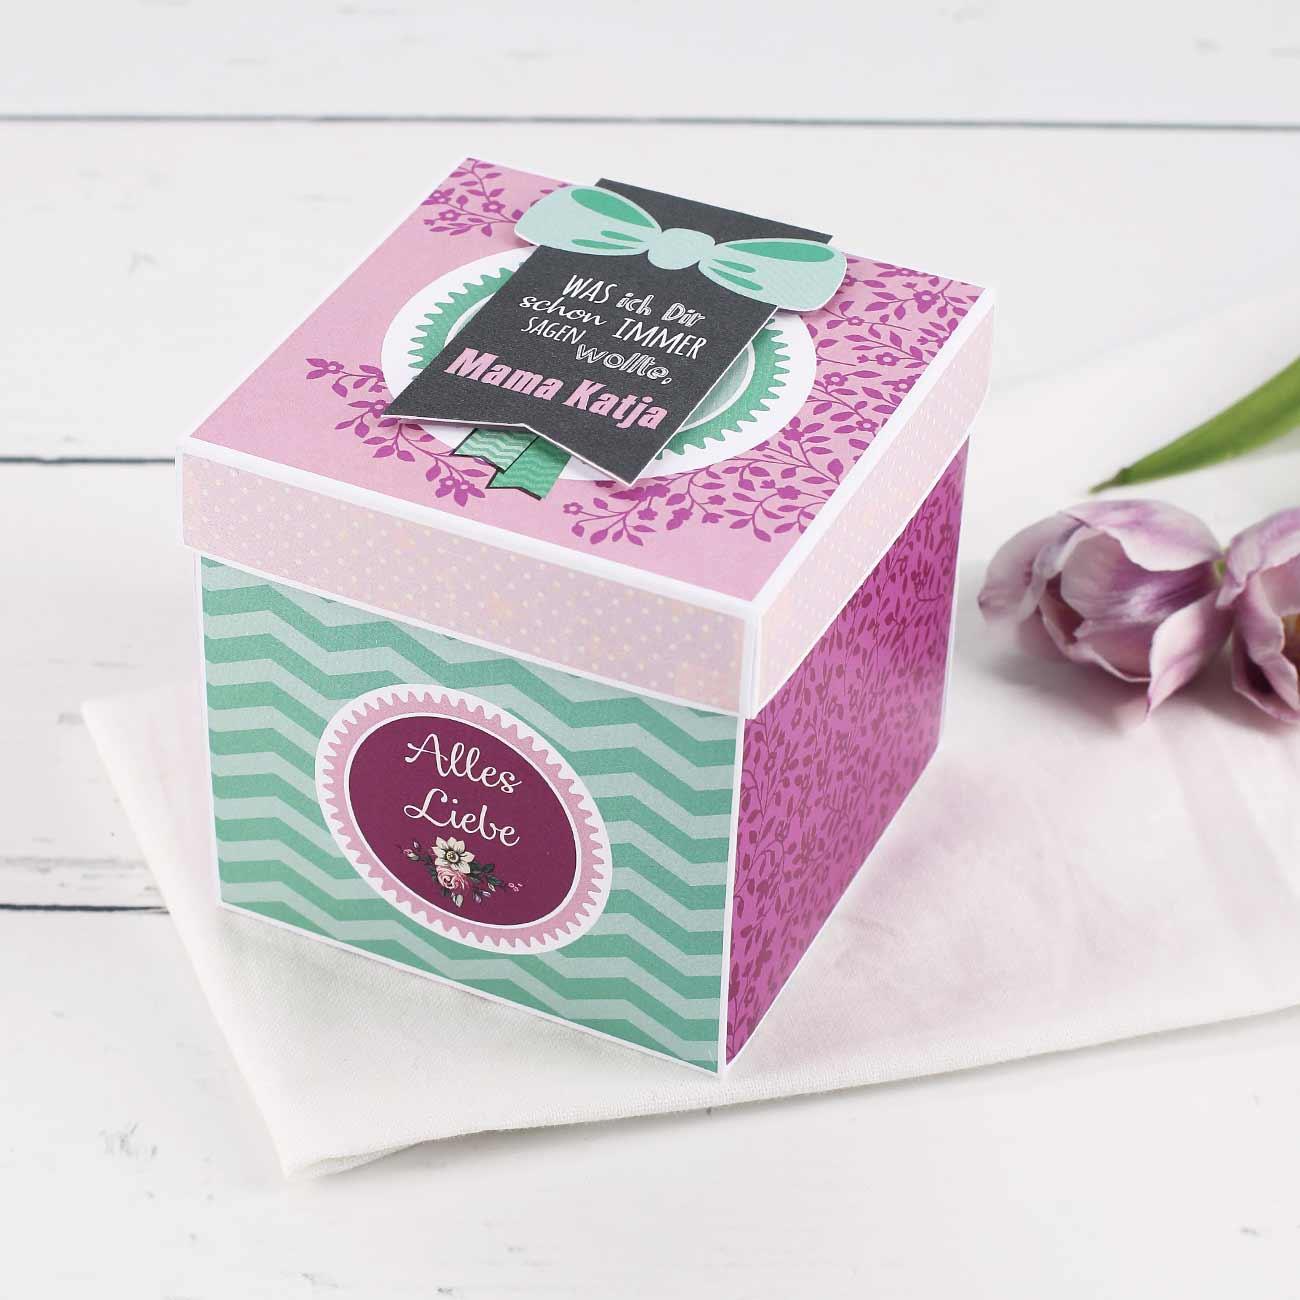 Geschenke Für Mama Basteln Schöne Vase Für Den Muttertag Basteln